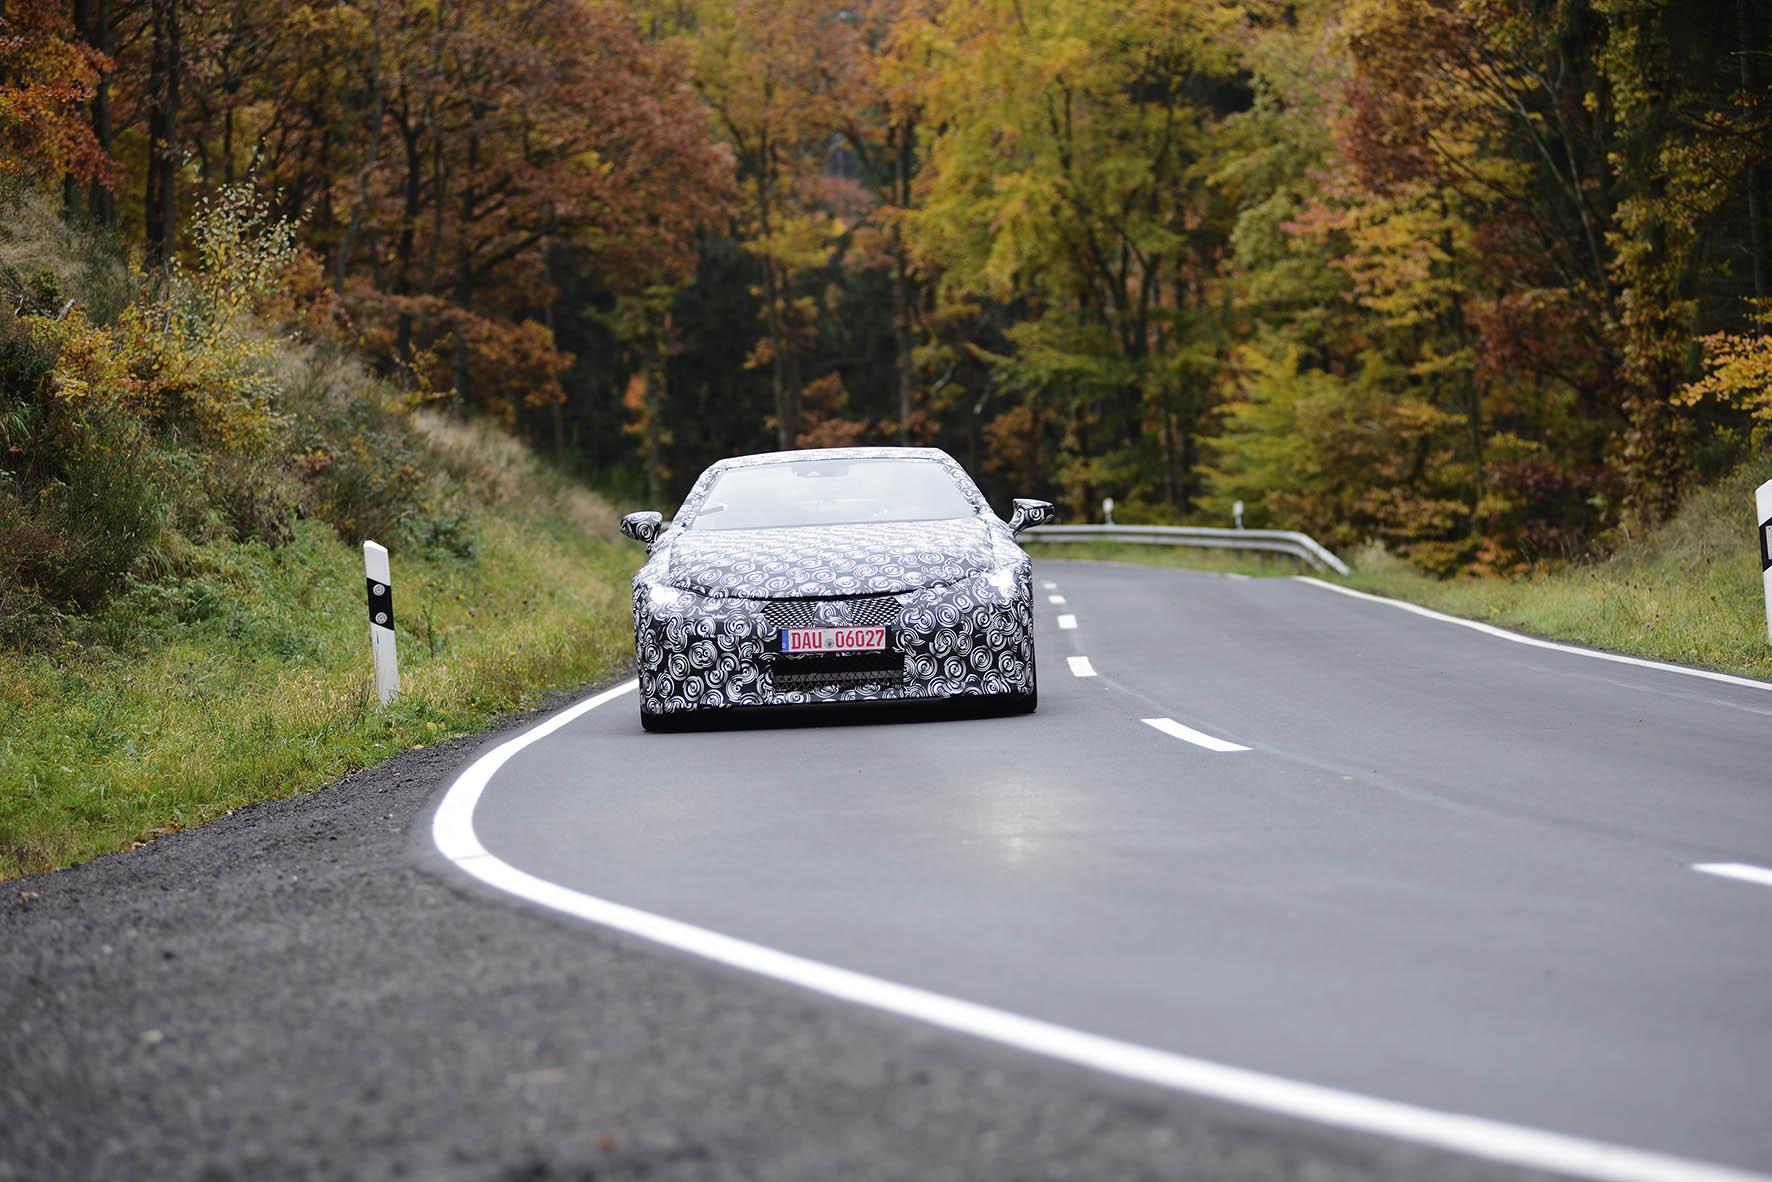 Lexus-LC-Technisch-DNA-Lexus-LFA-supersportscar-vertaald-naar-nieuwe-LC-premium-coupe-3